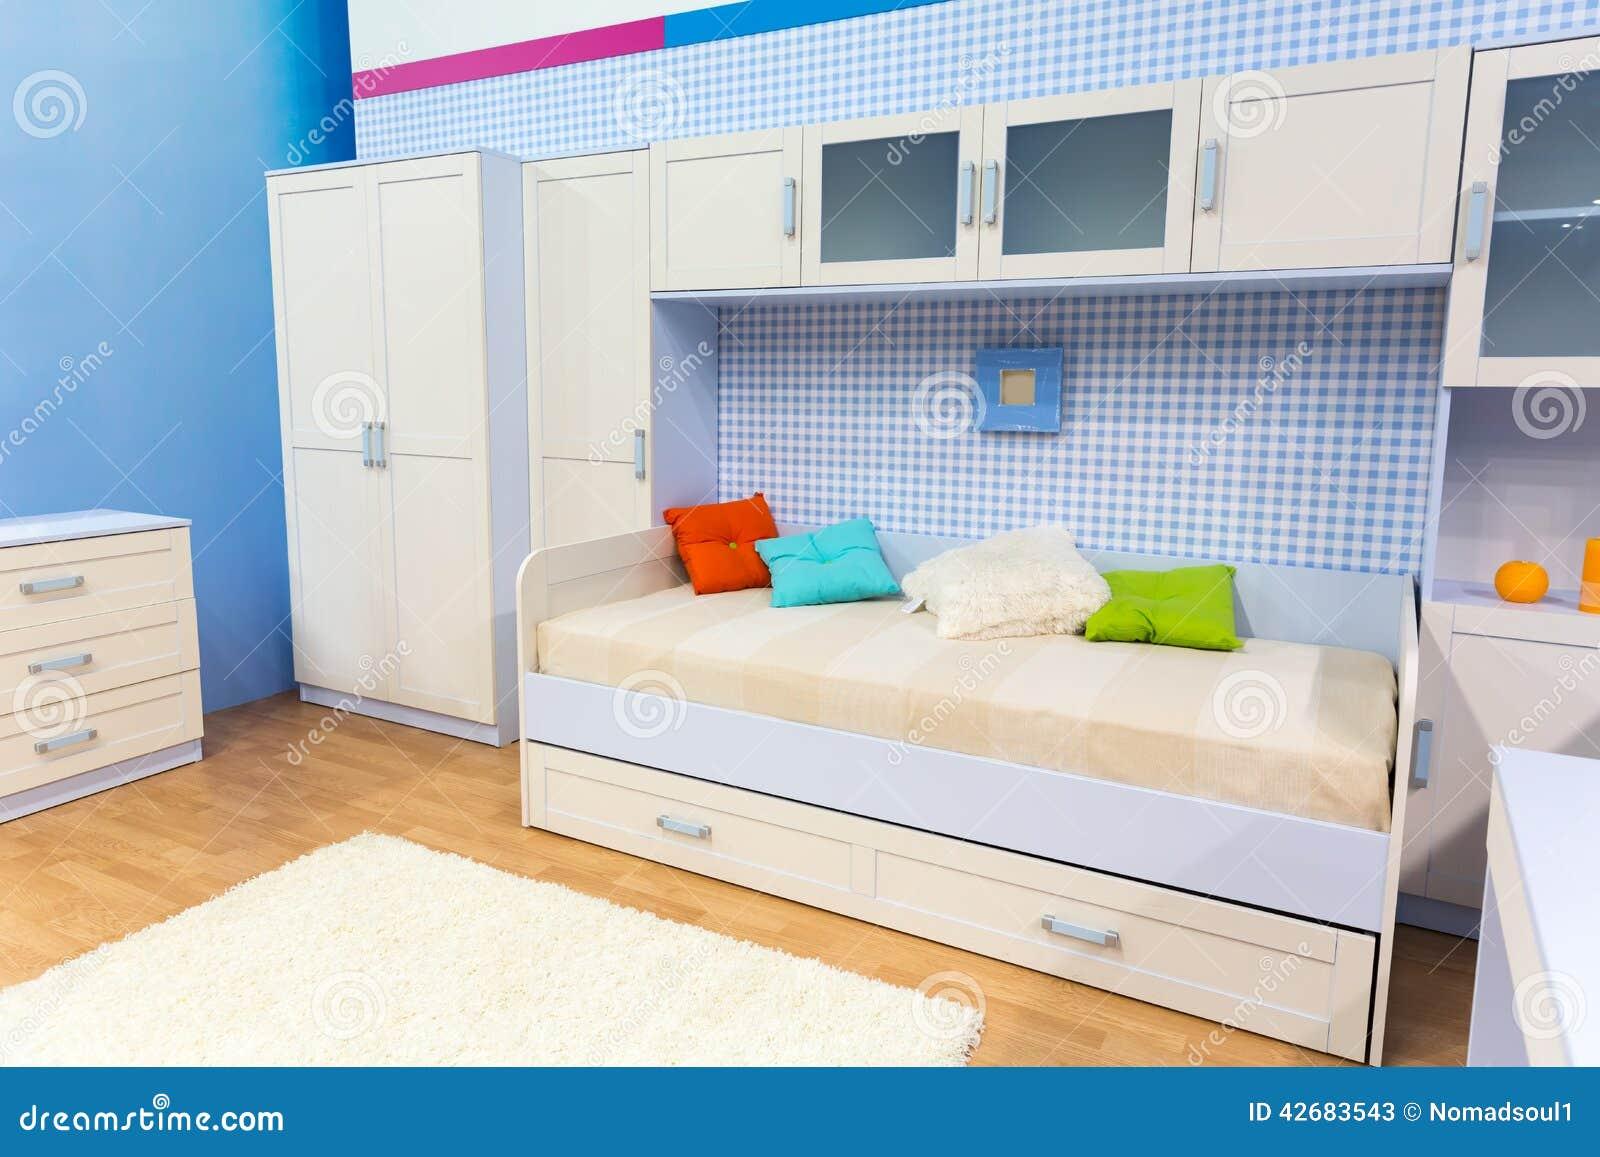 Latest home with les placards de chambre a coucher for Modele d armoire de chambre a coucher